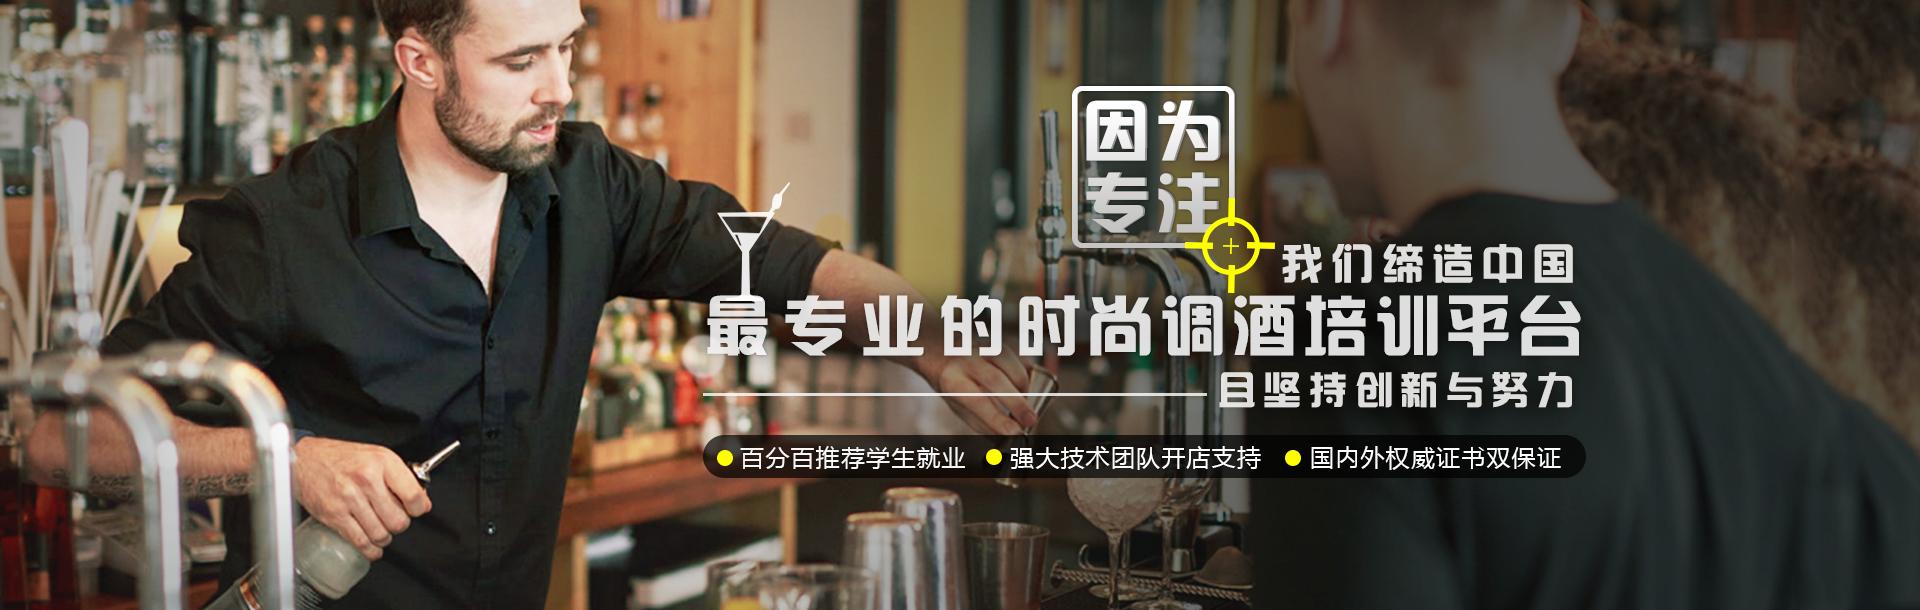 广州百斯特咖啡调酒培训学校